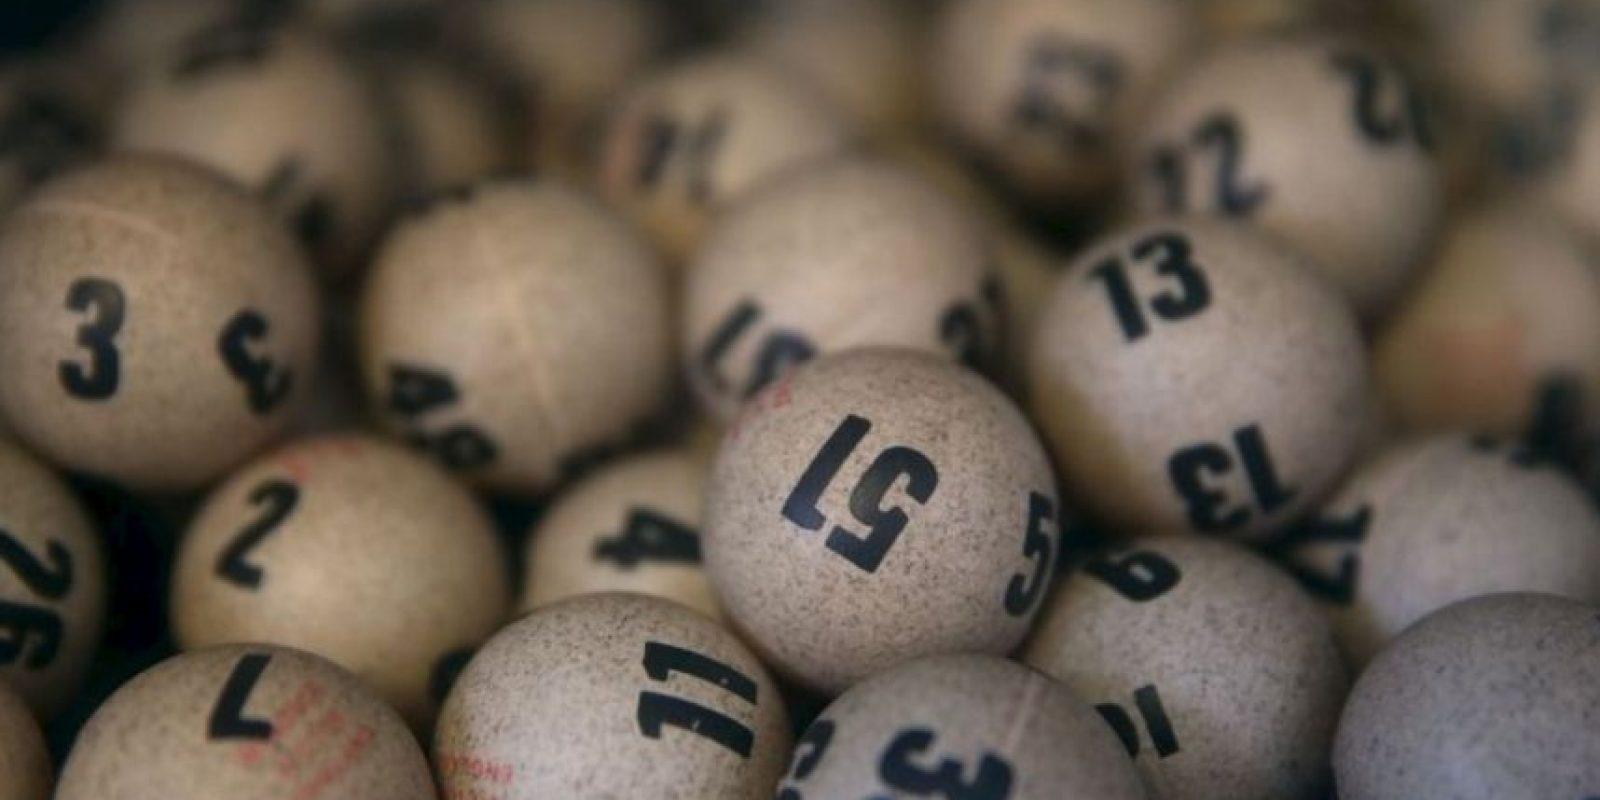 4 ganadores de lotería que tuvieron un trágico final Foto:Getty Images